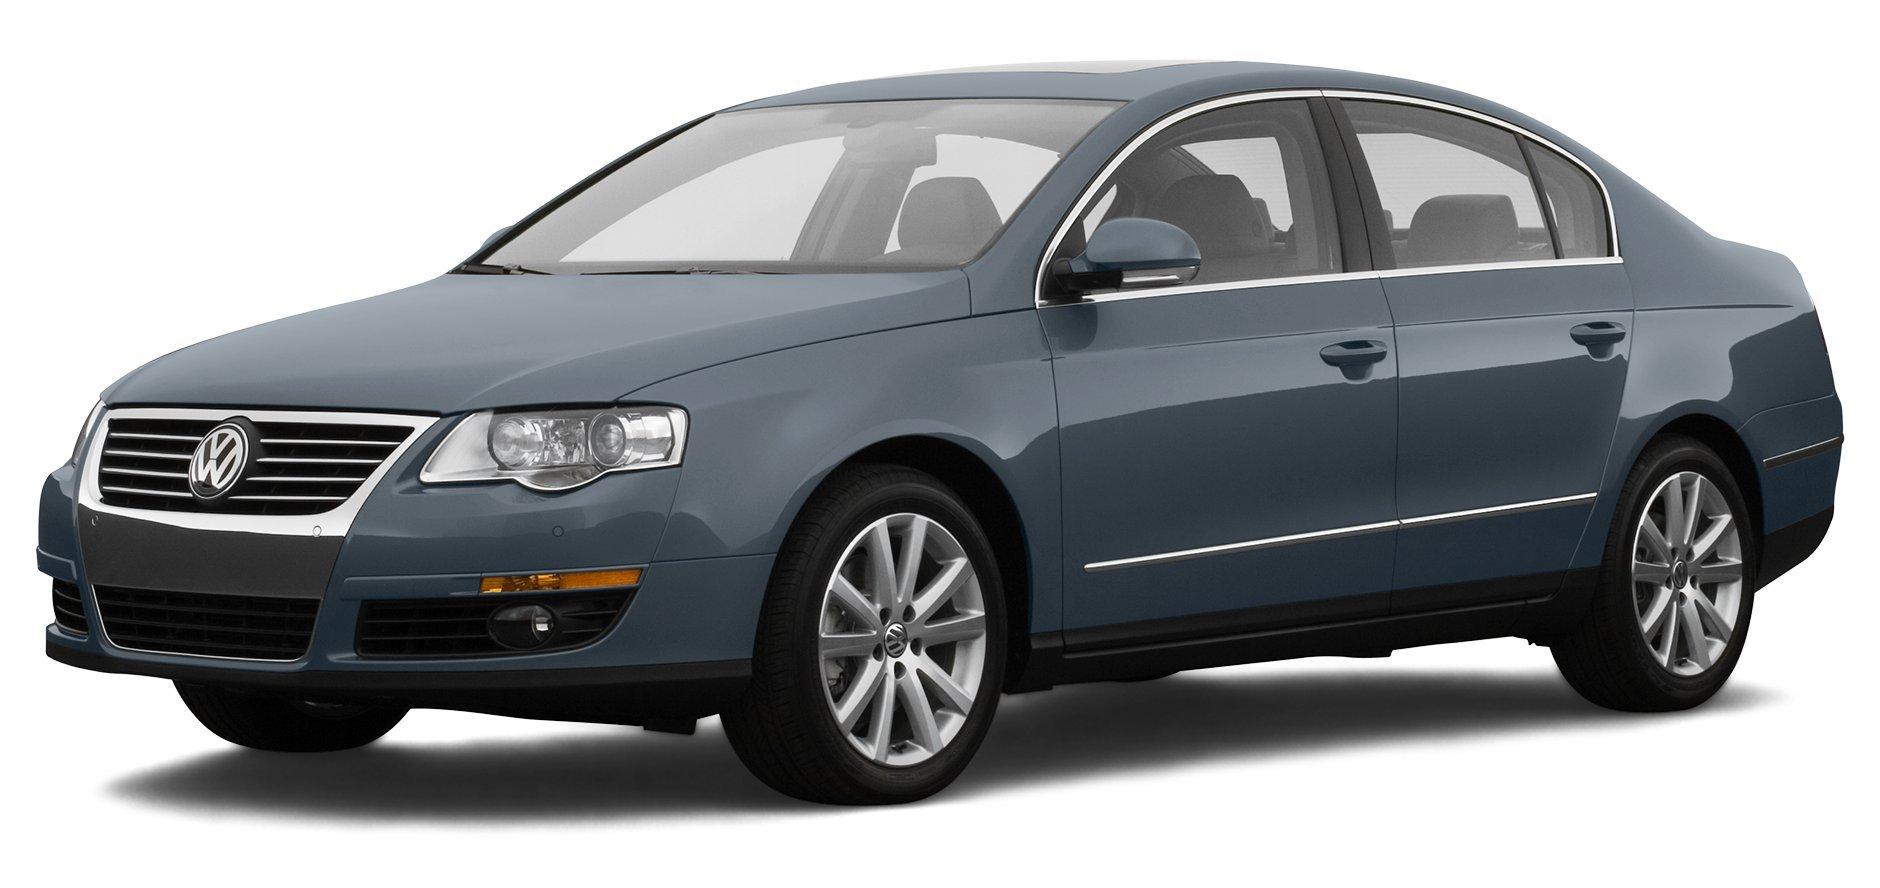 2007 Volkswagen Passat, 4-Door Automatic Transmission Front Wheel Drive ...